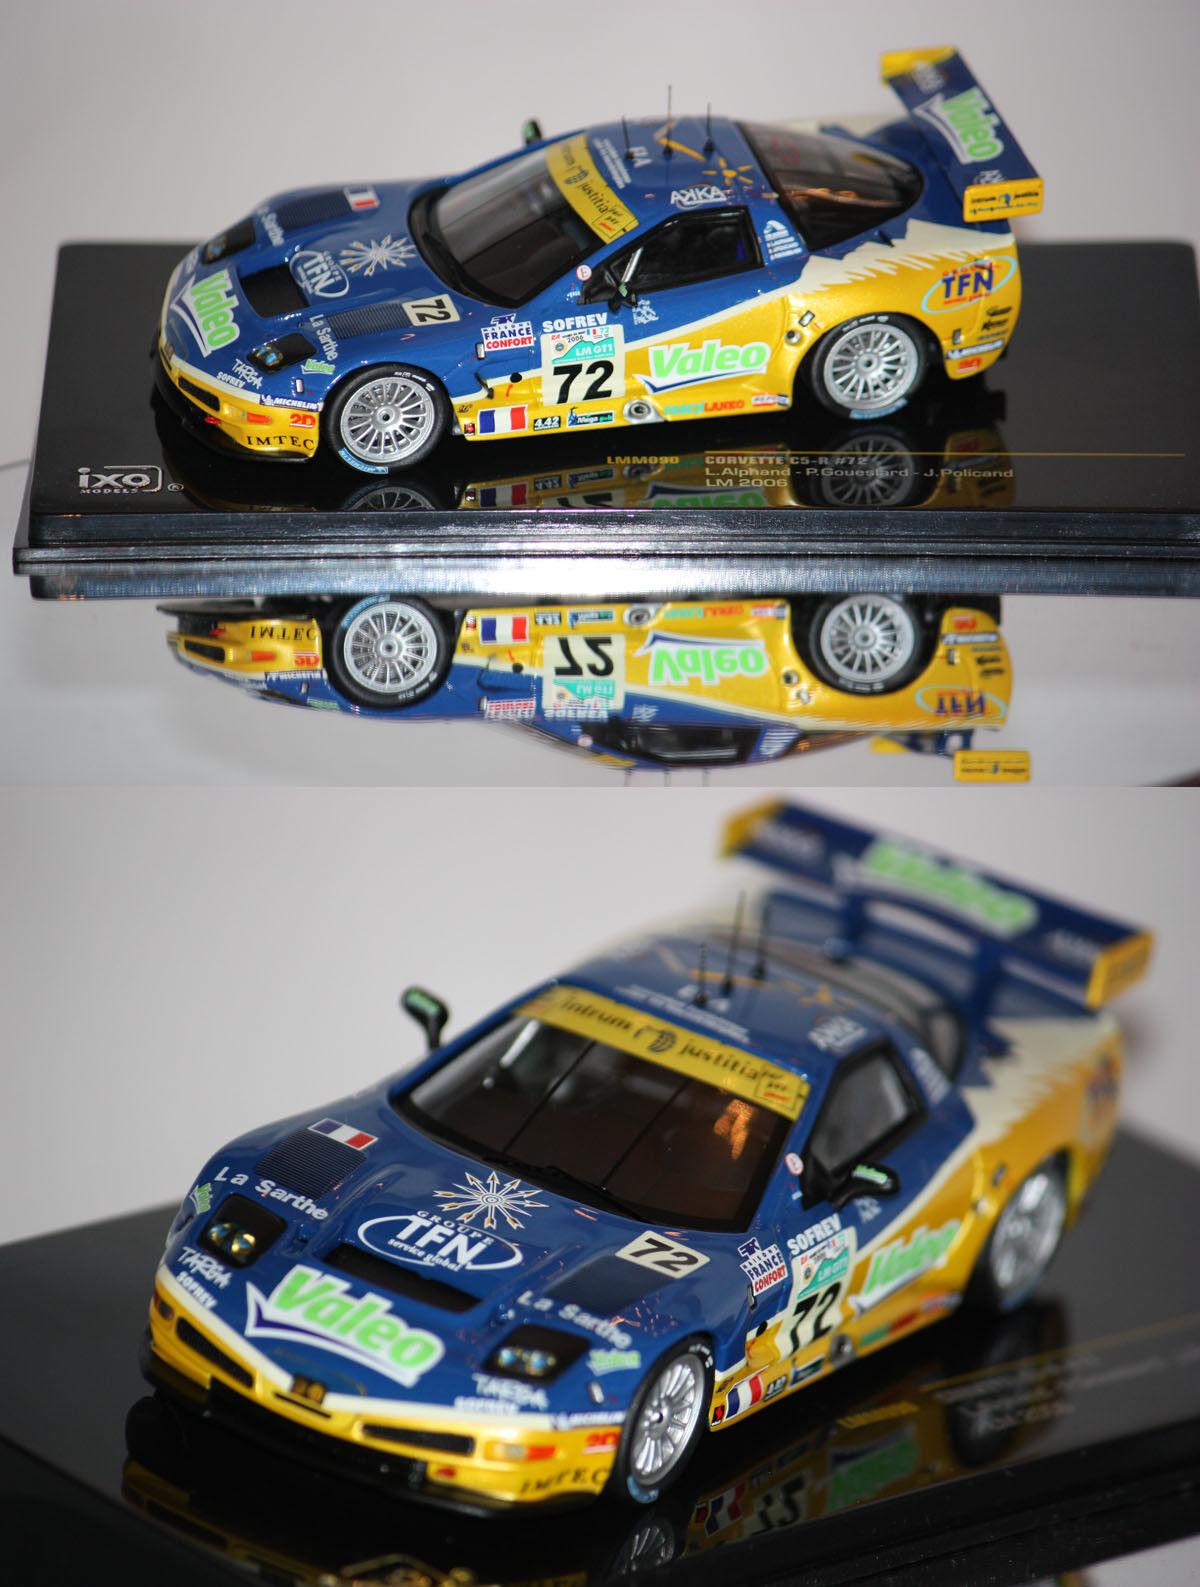 Ixo Corvette C5-R 24h du Mans Mans Mans 2006 L. Alphand 1 43 LMM090 5c8307